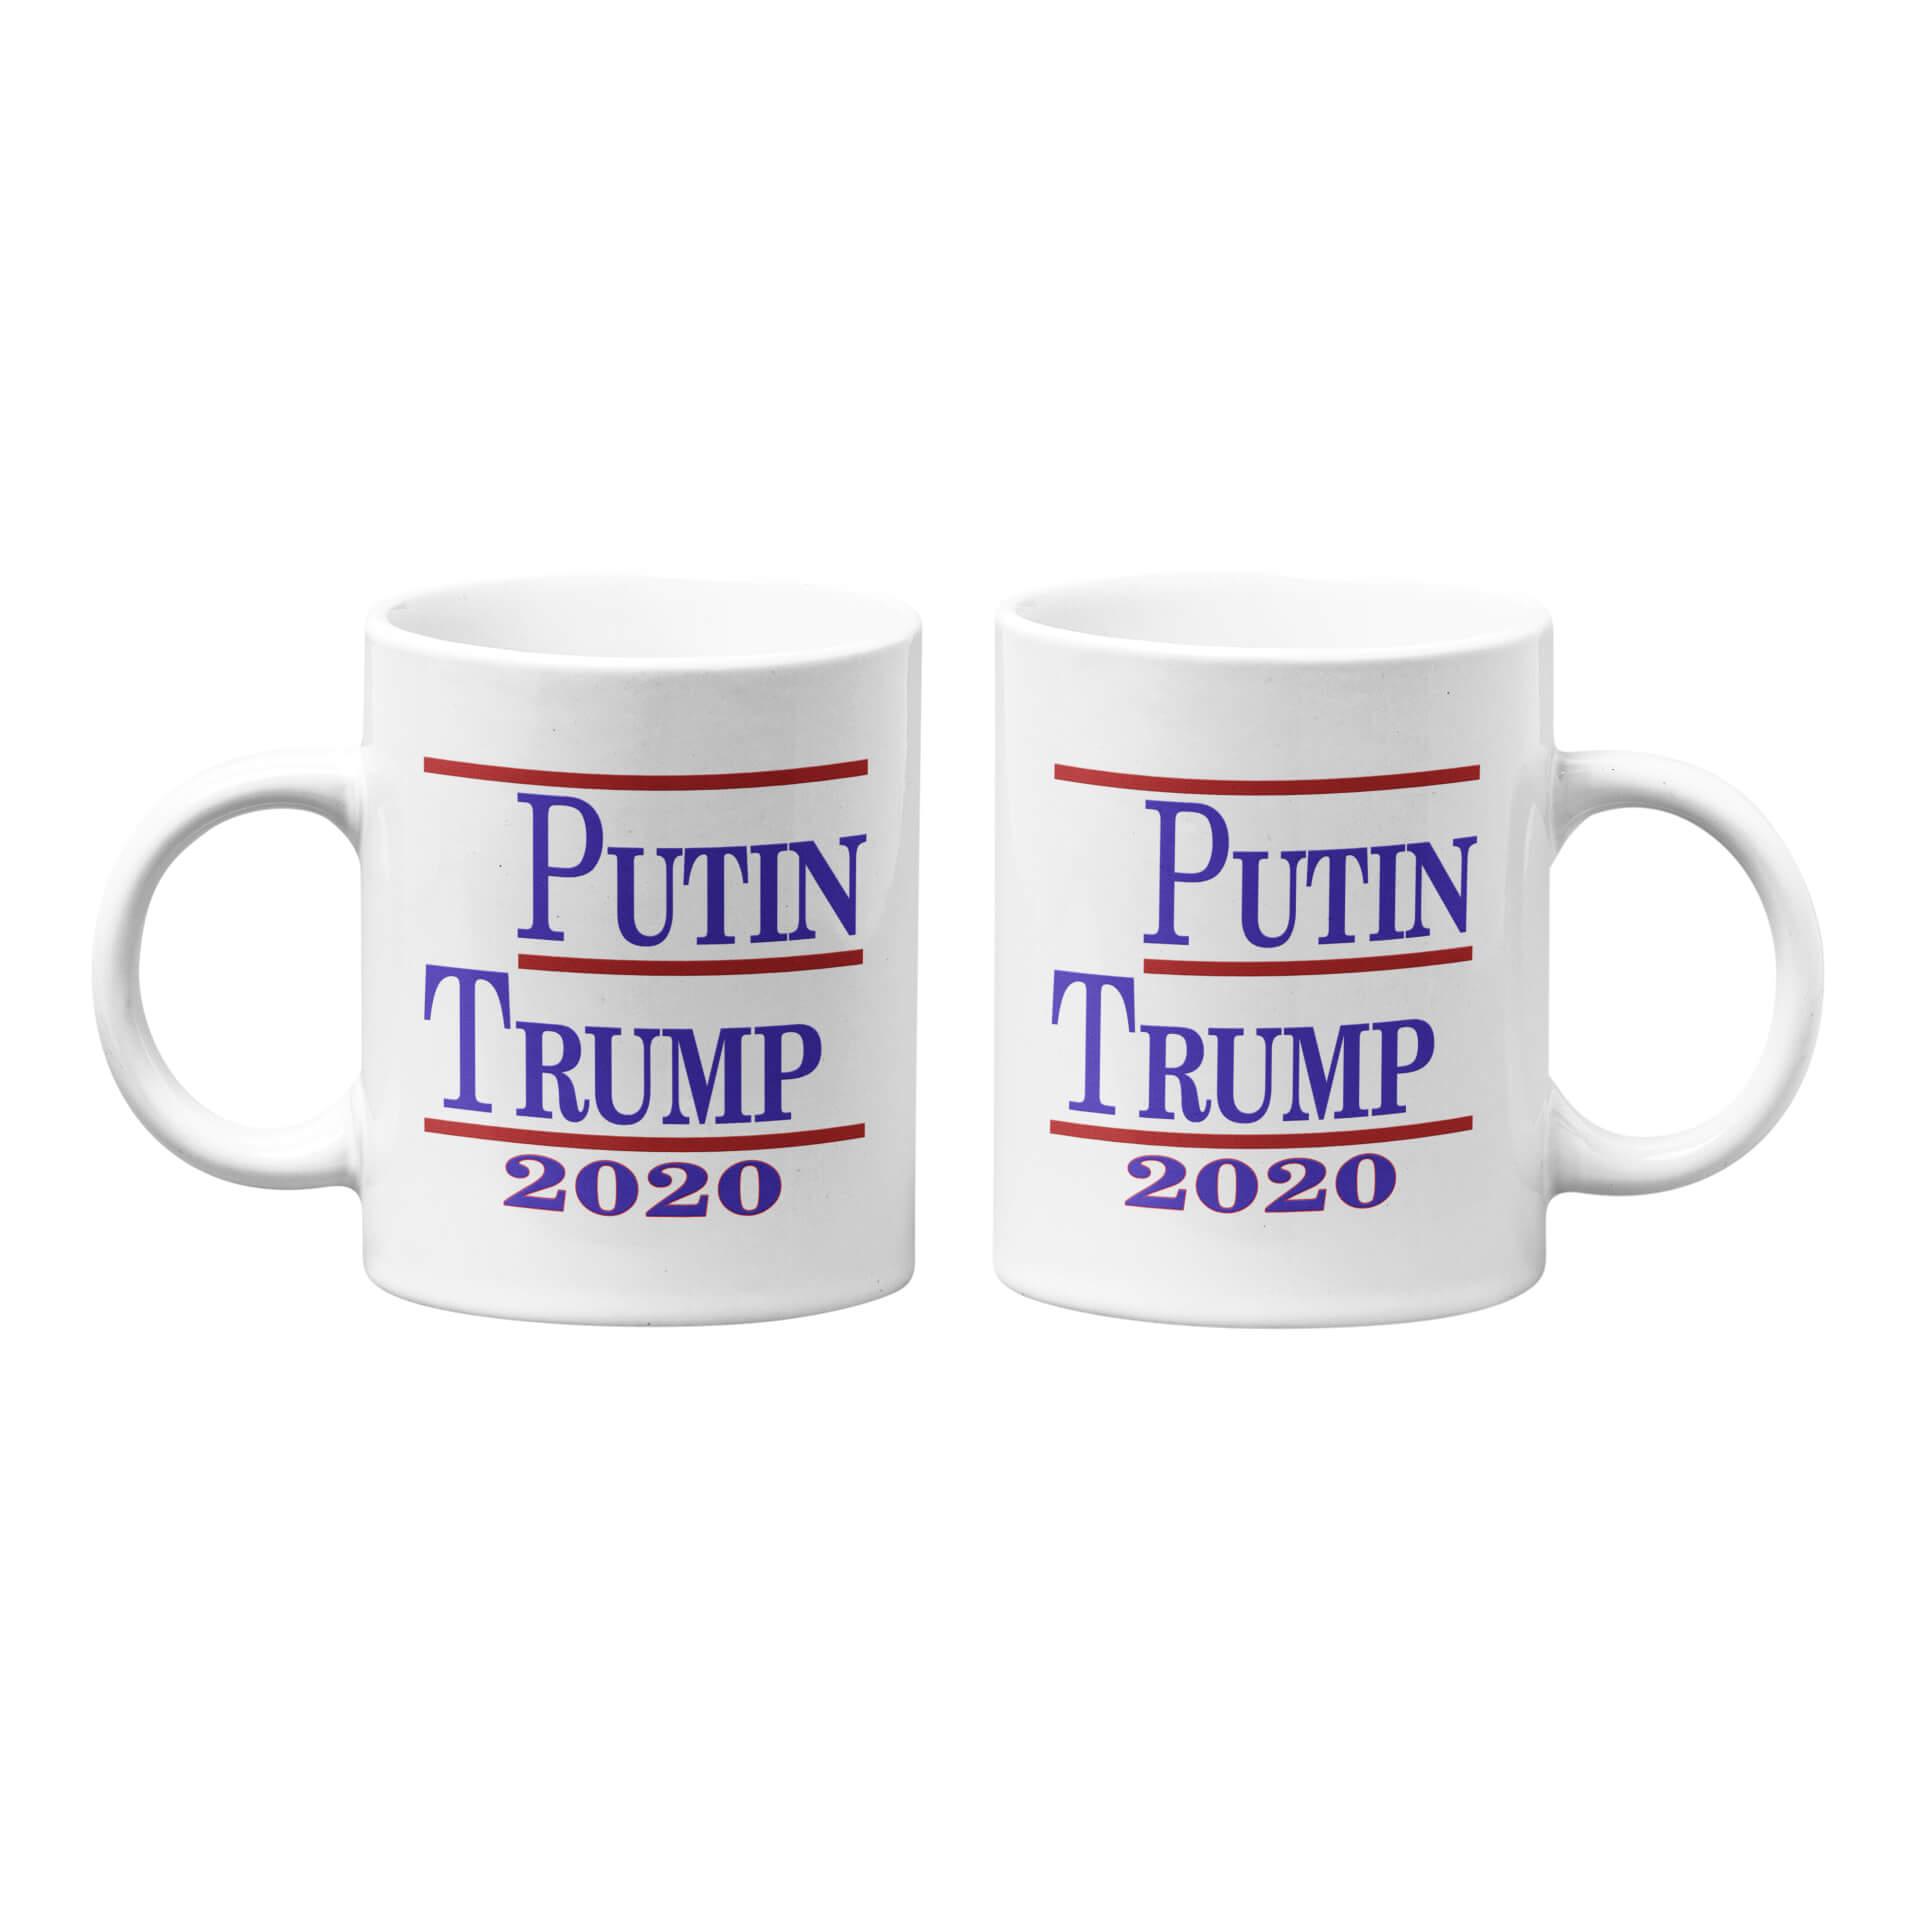 Putin Trump 2020 Sarcastic Mug